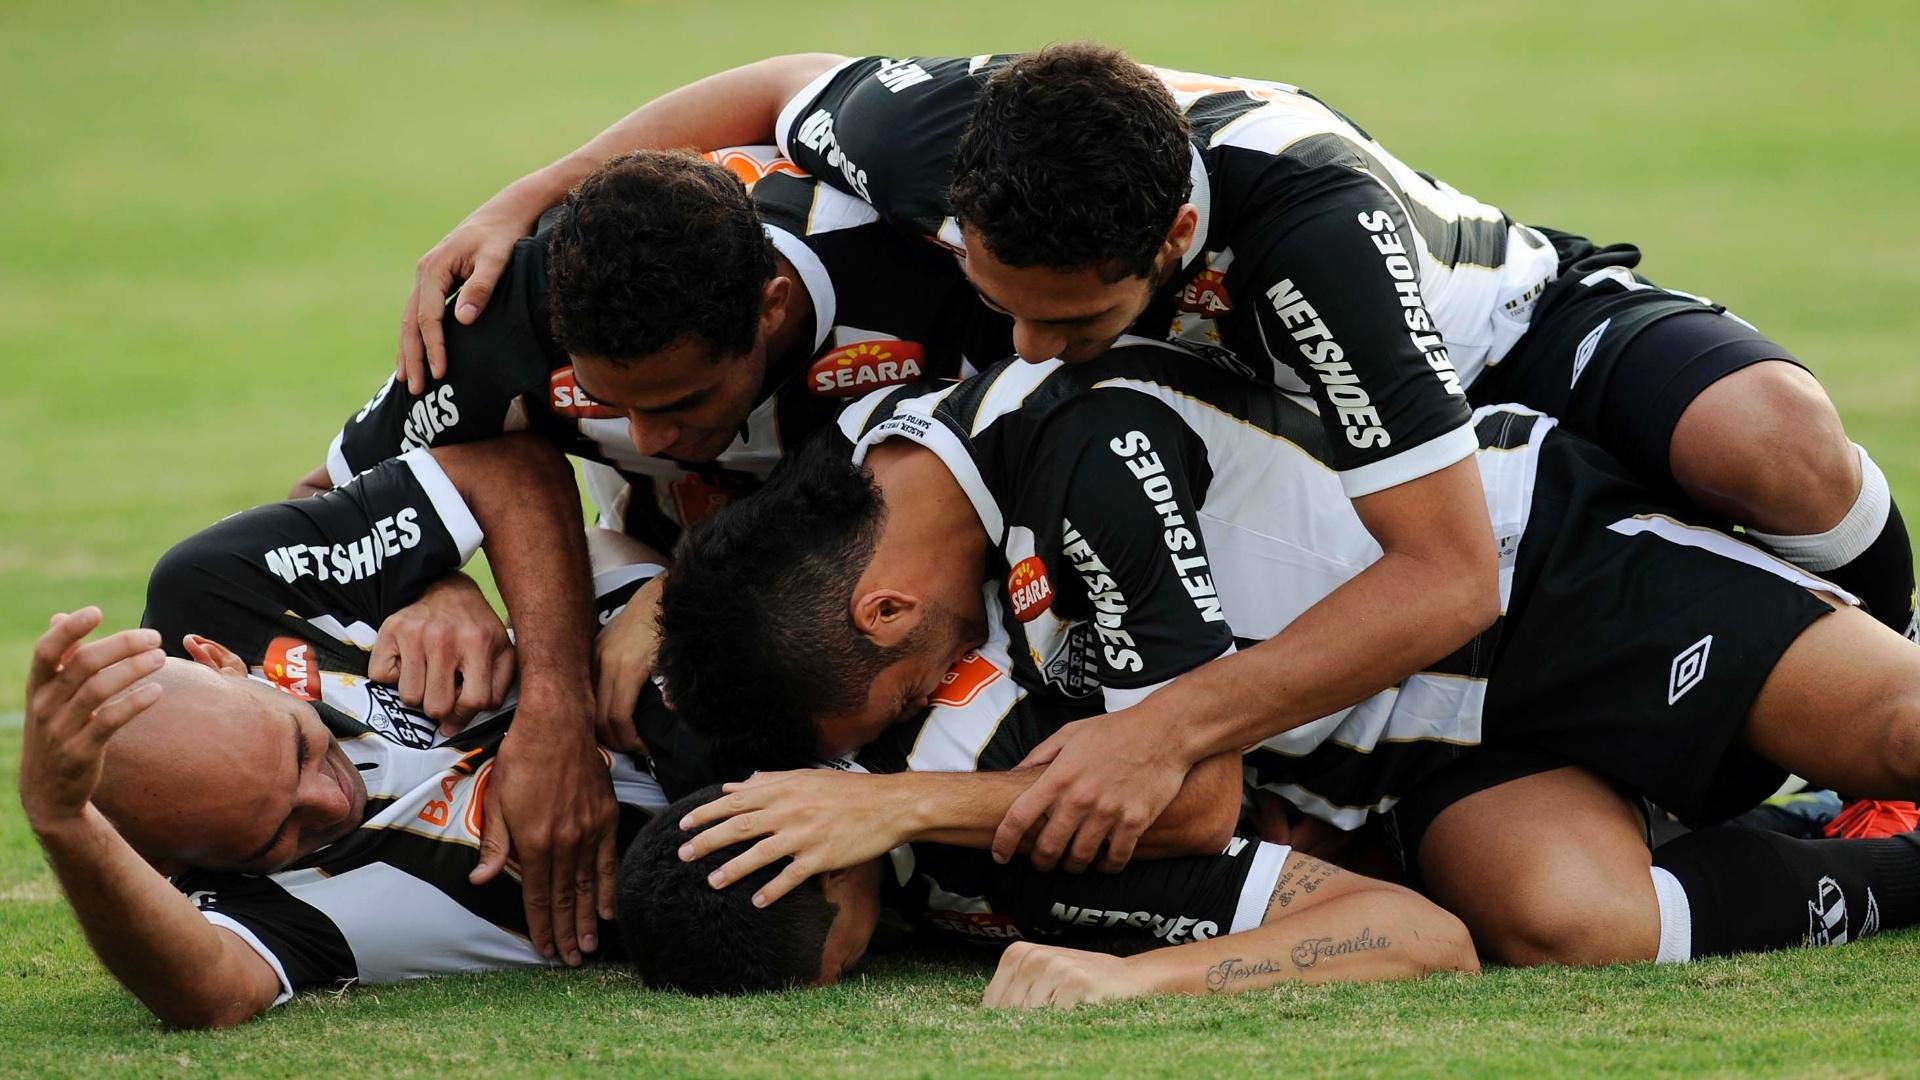 Jogadores do Santos comemora o primeiro gol do time na partida contra a Lusa, marcado por Rafael Caldeira